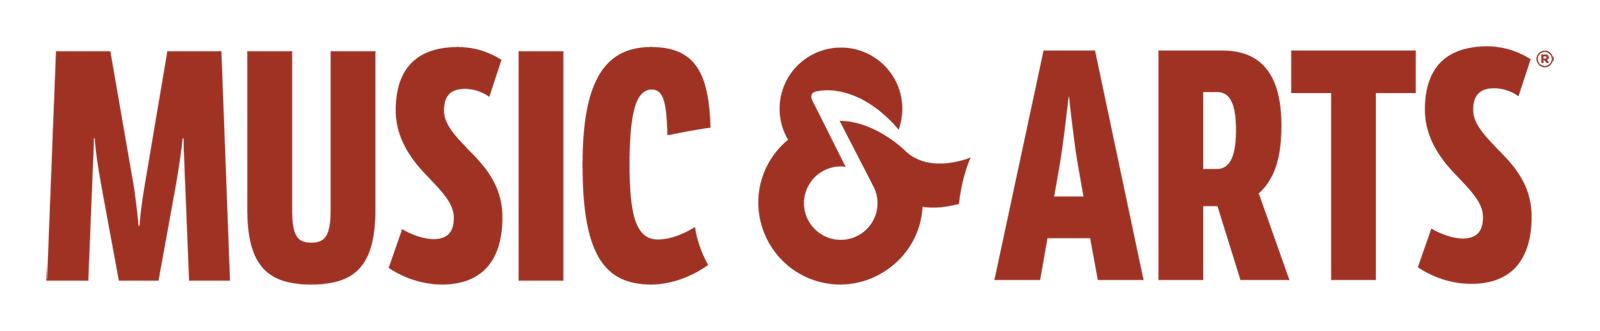 musicarts_2018_logo_large (1)